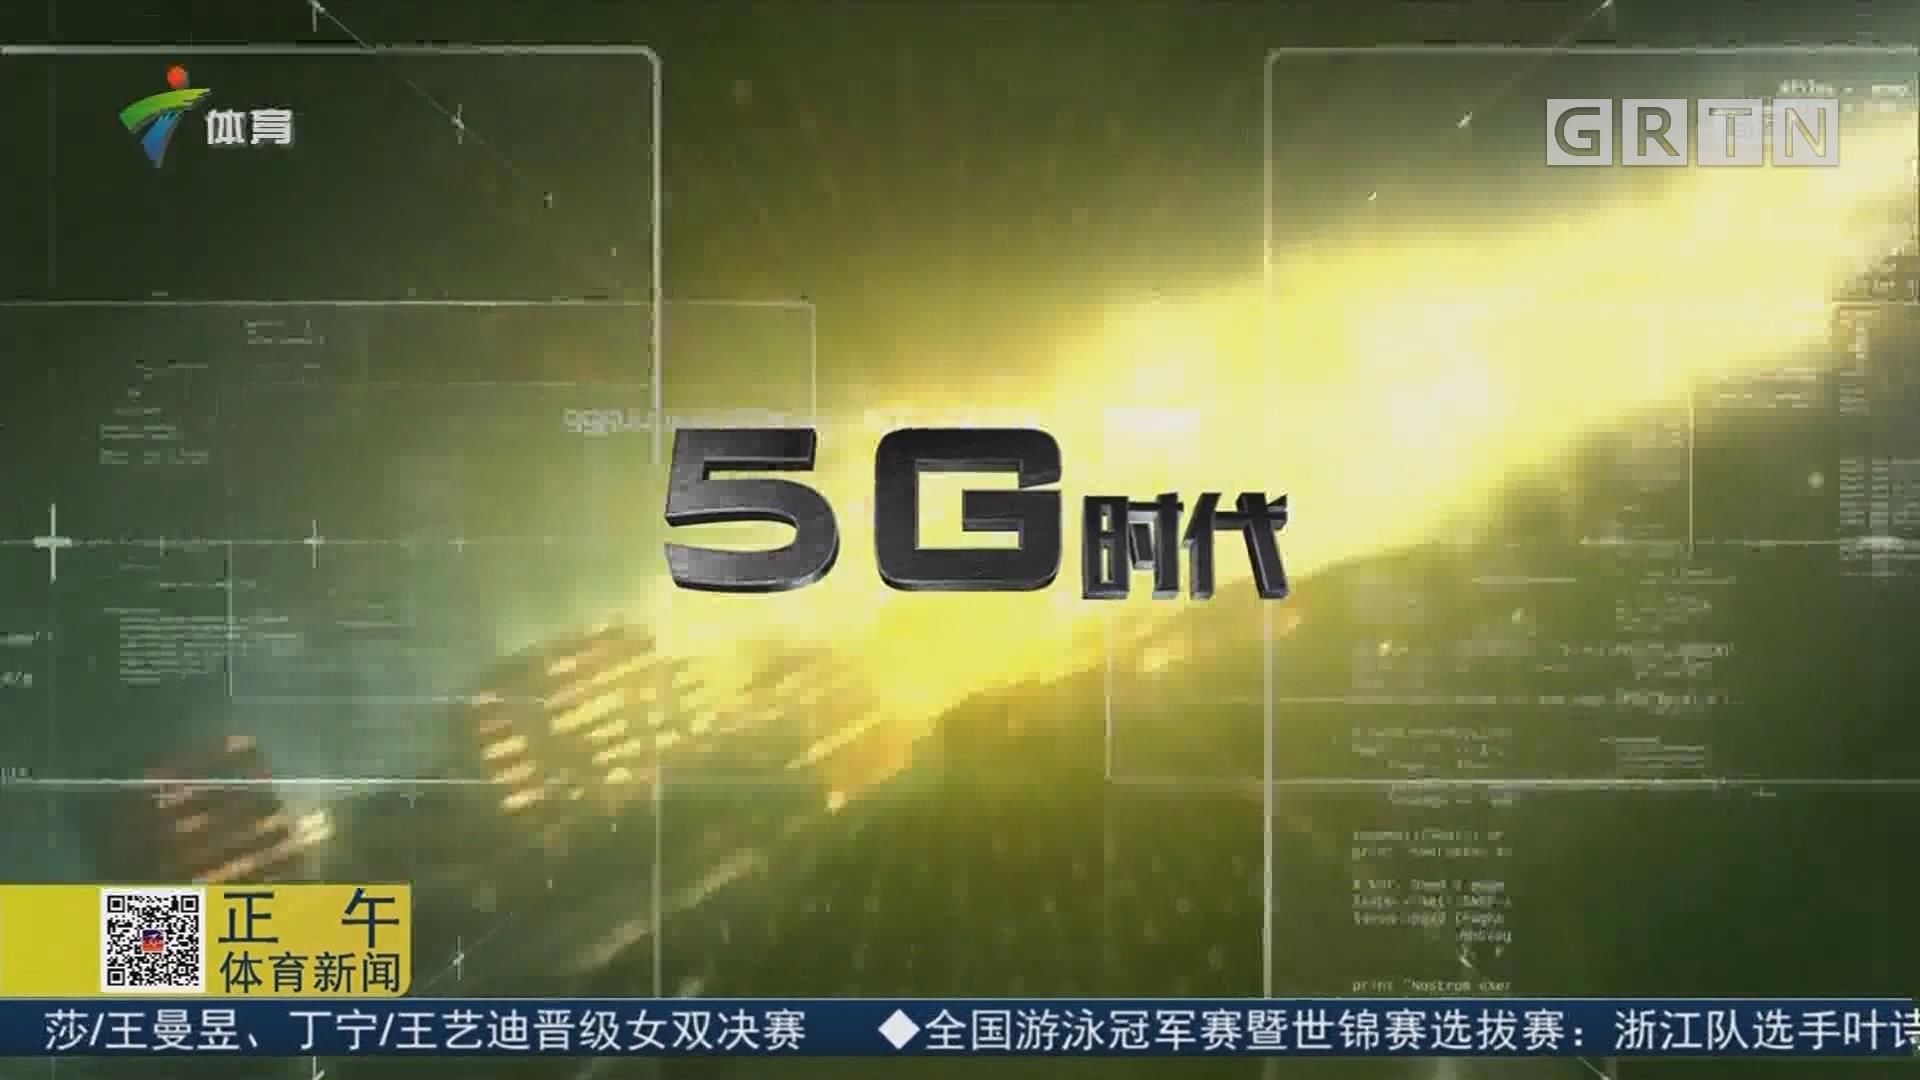 5G联袂4K 电视转播将进入新时代